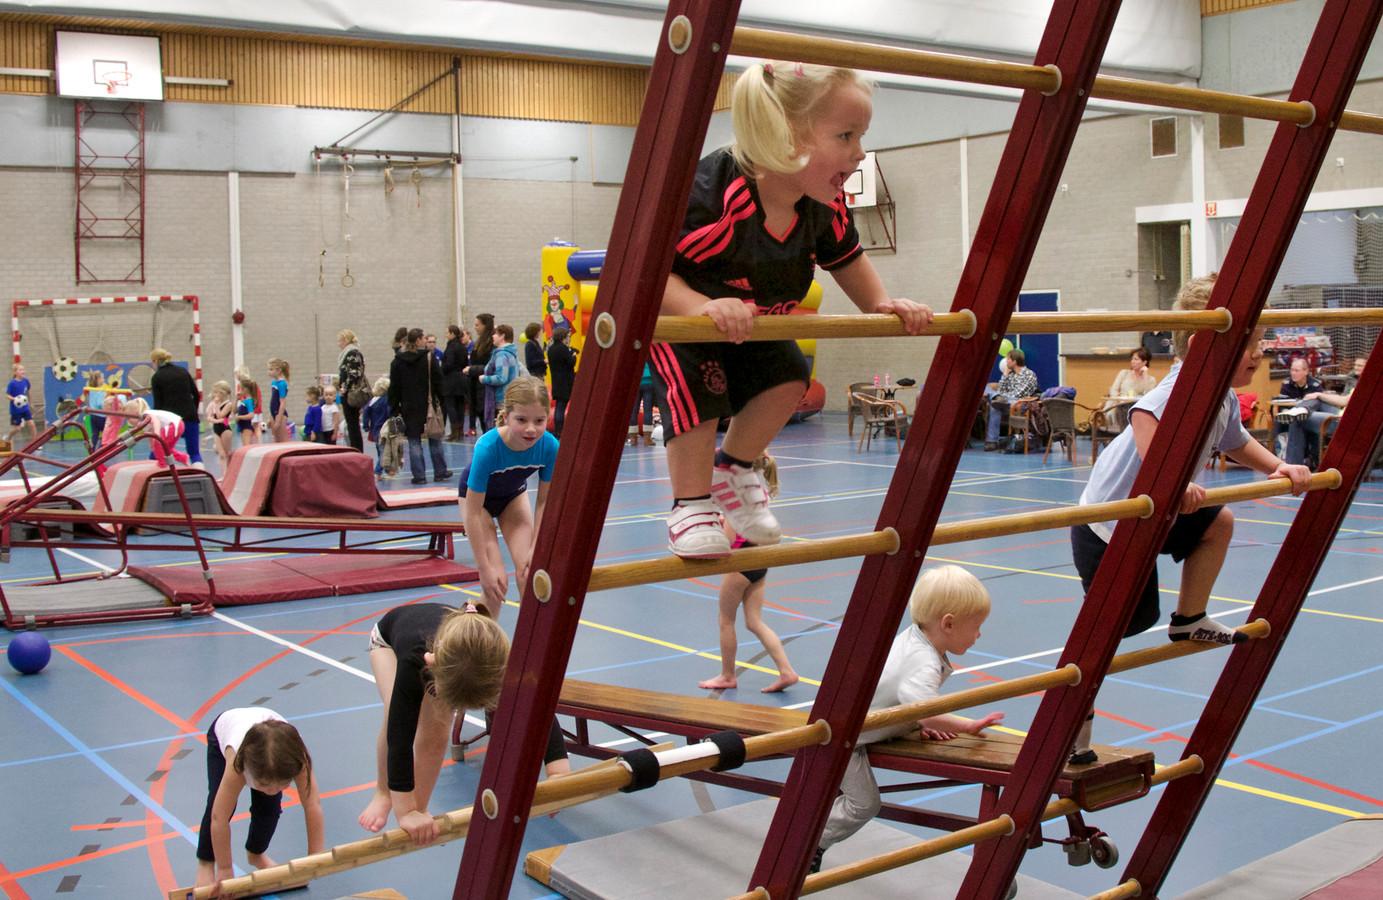 De meeste kinderen kunnen goed klimmen en klauteren. Een kwart scoort echter een onvoldoende.